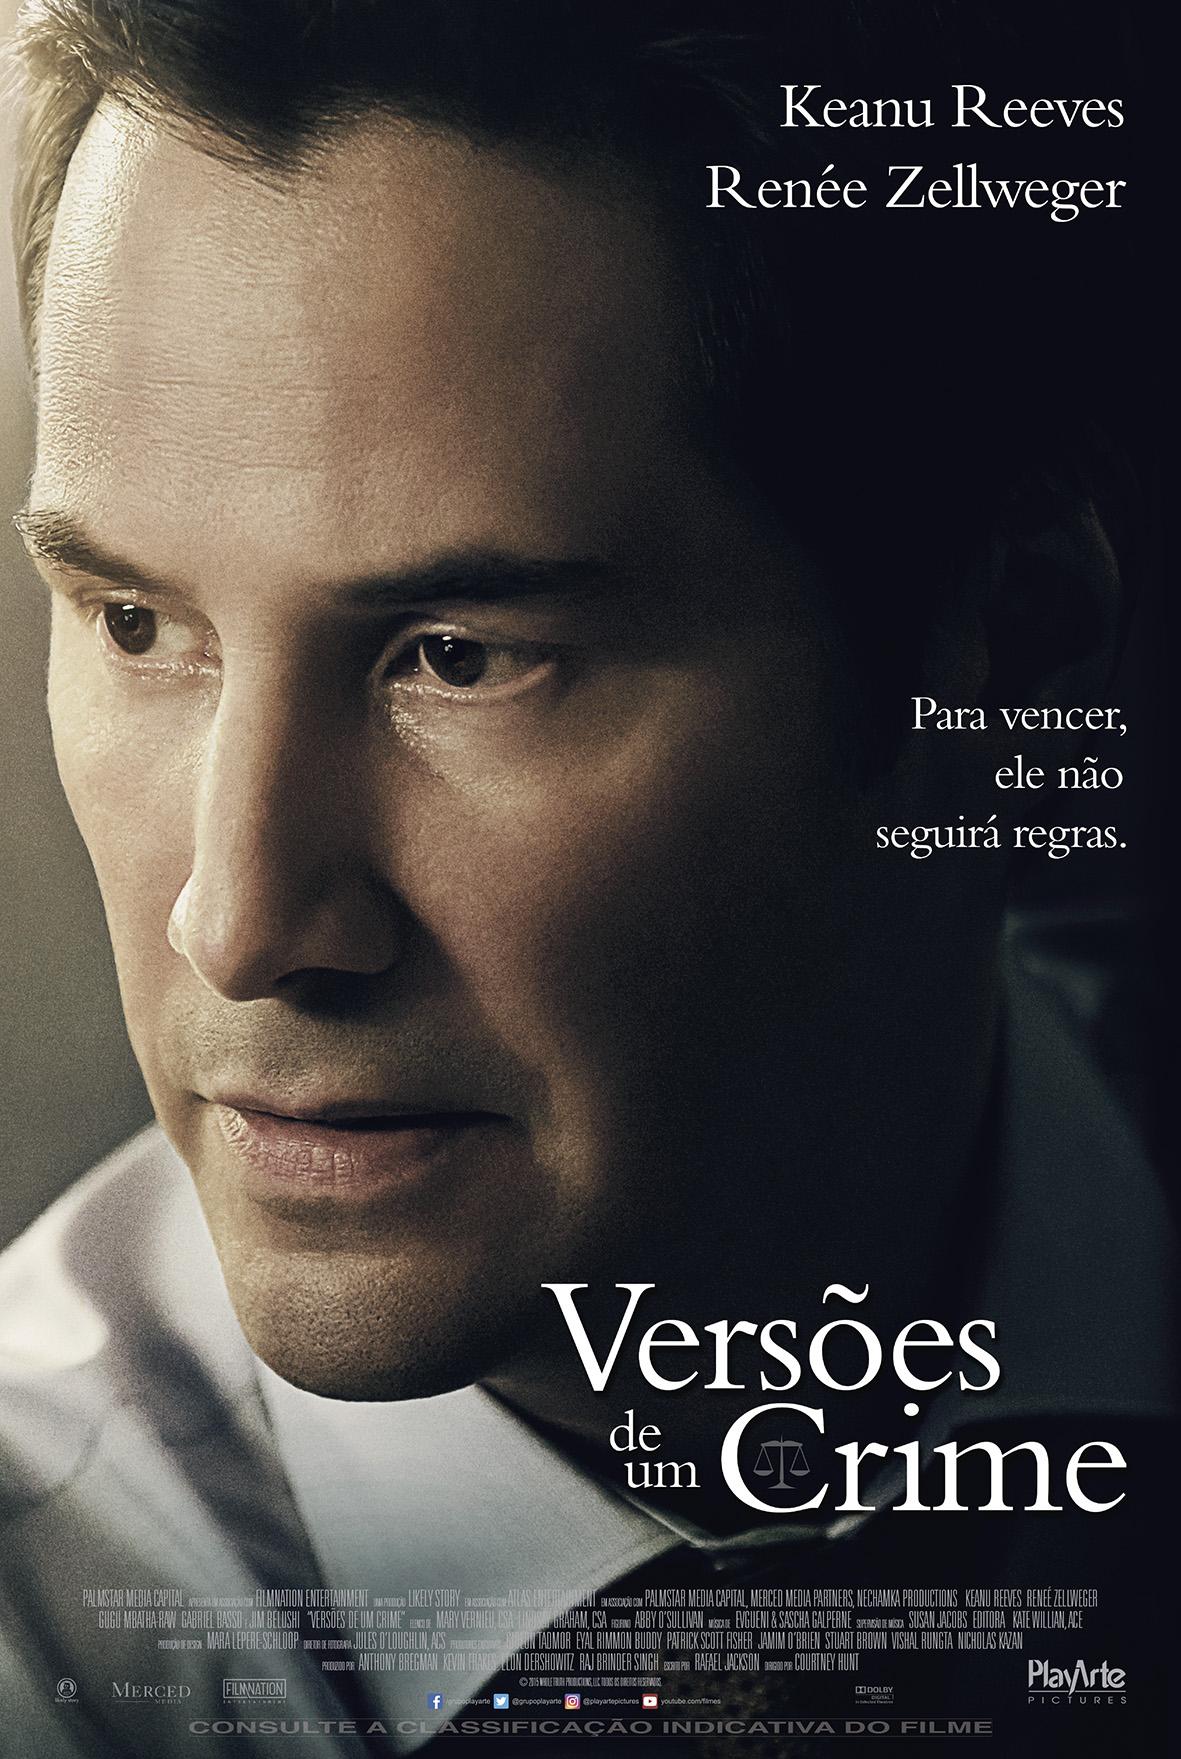 Versões de um Crime - Filme 2016 - AdoroCinema